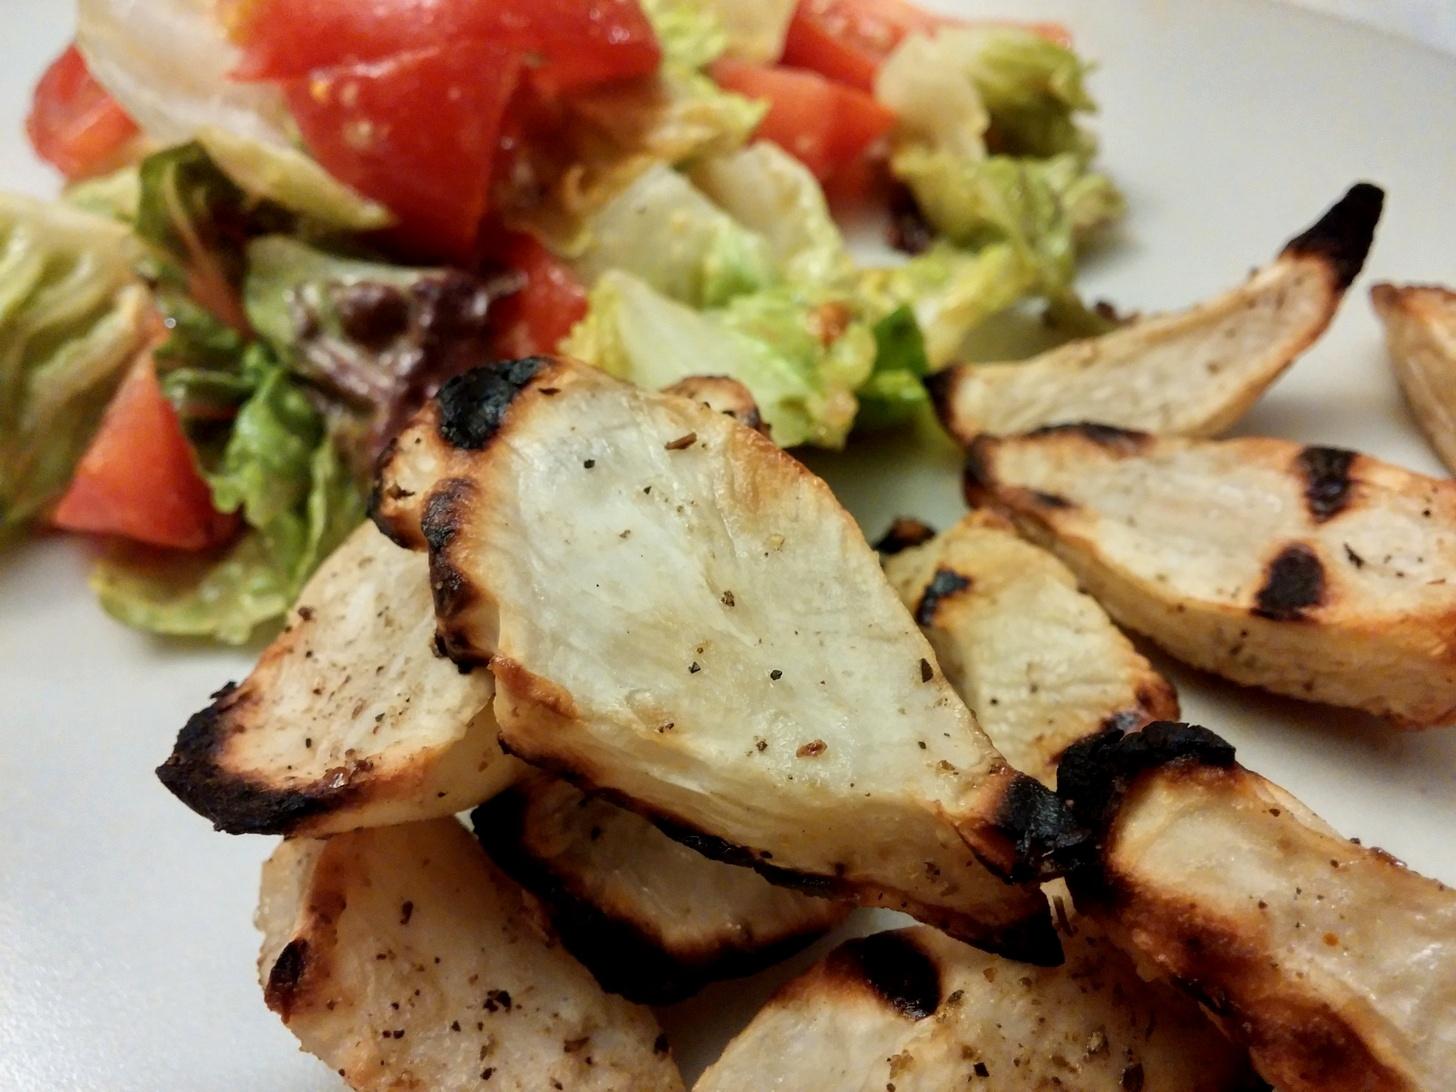 Topinambur mit einem frischen Romana-Salat mit Honig-Senf-Dressing.